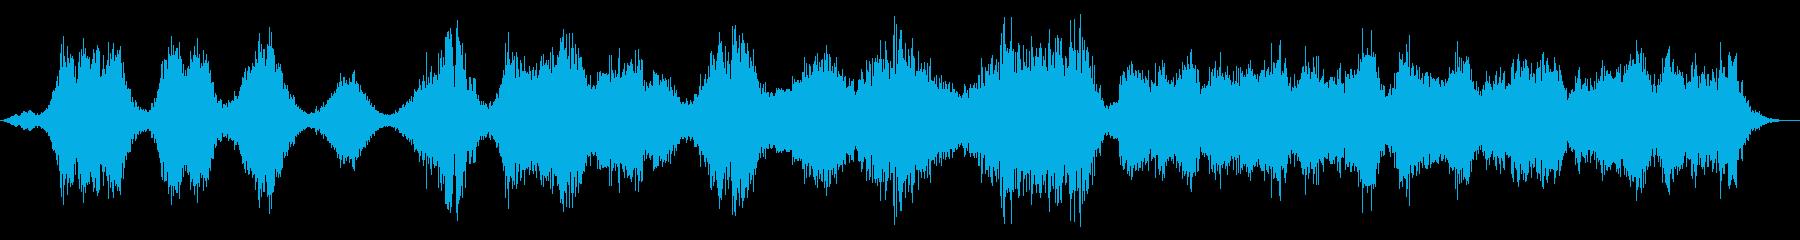 幽霊のようなトーンのドローンの再生済みの波形